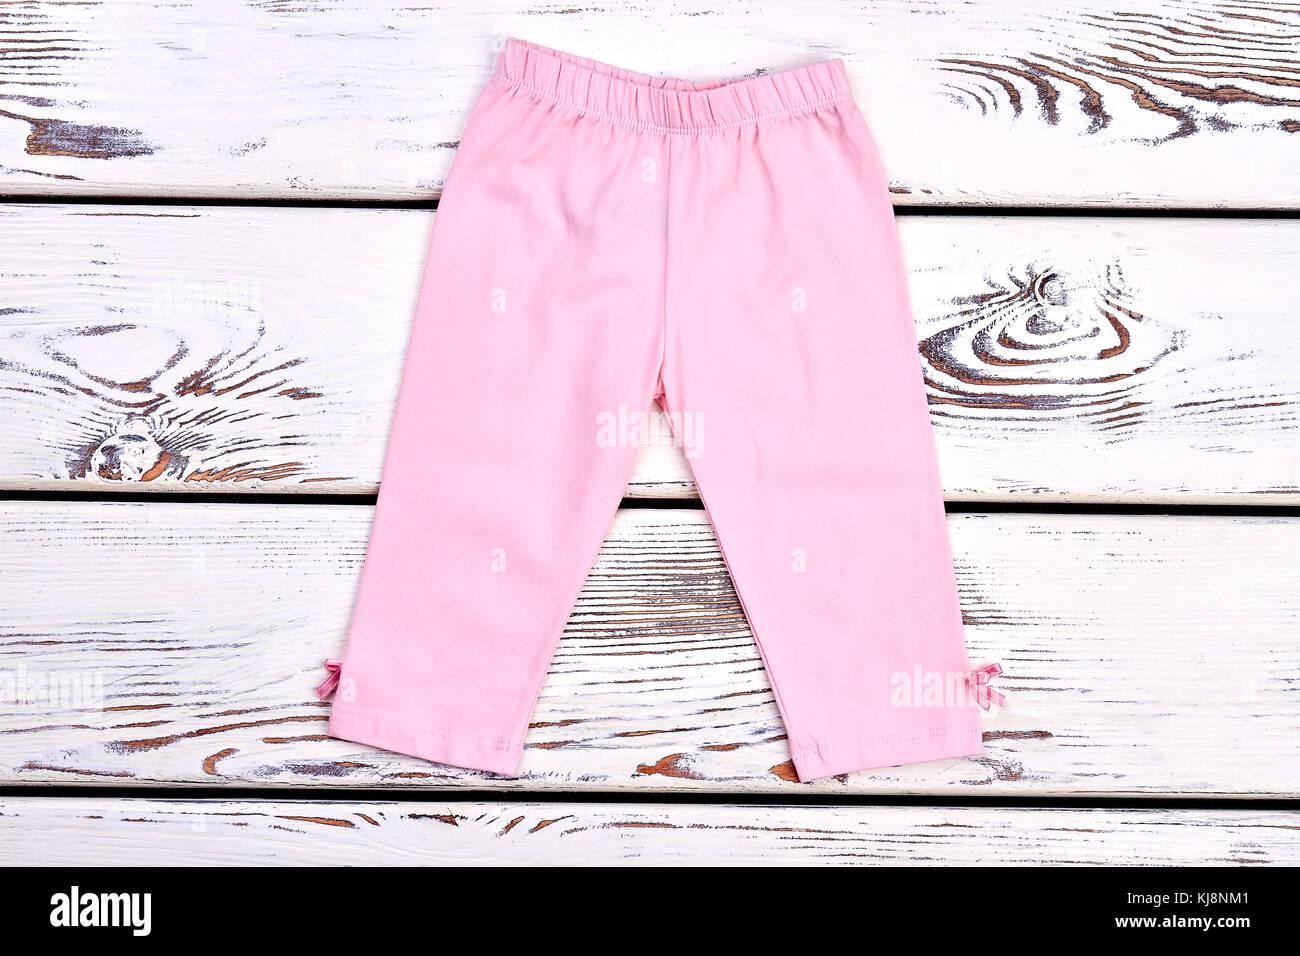 5939f4de8 Niño Niña capri elástica rosa. hermosa luz rosa los pantalones de algodón  para bebé niña